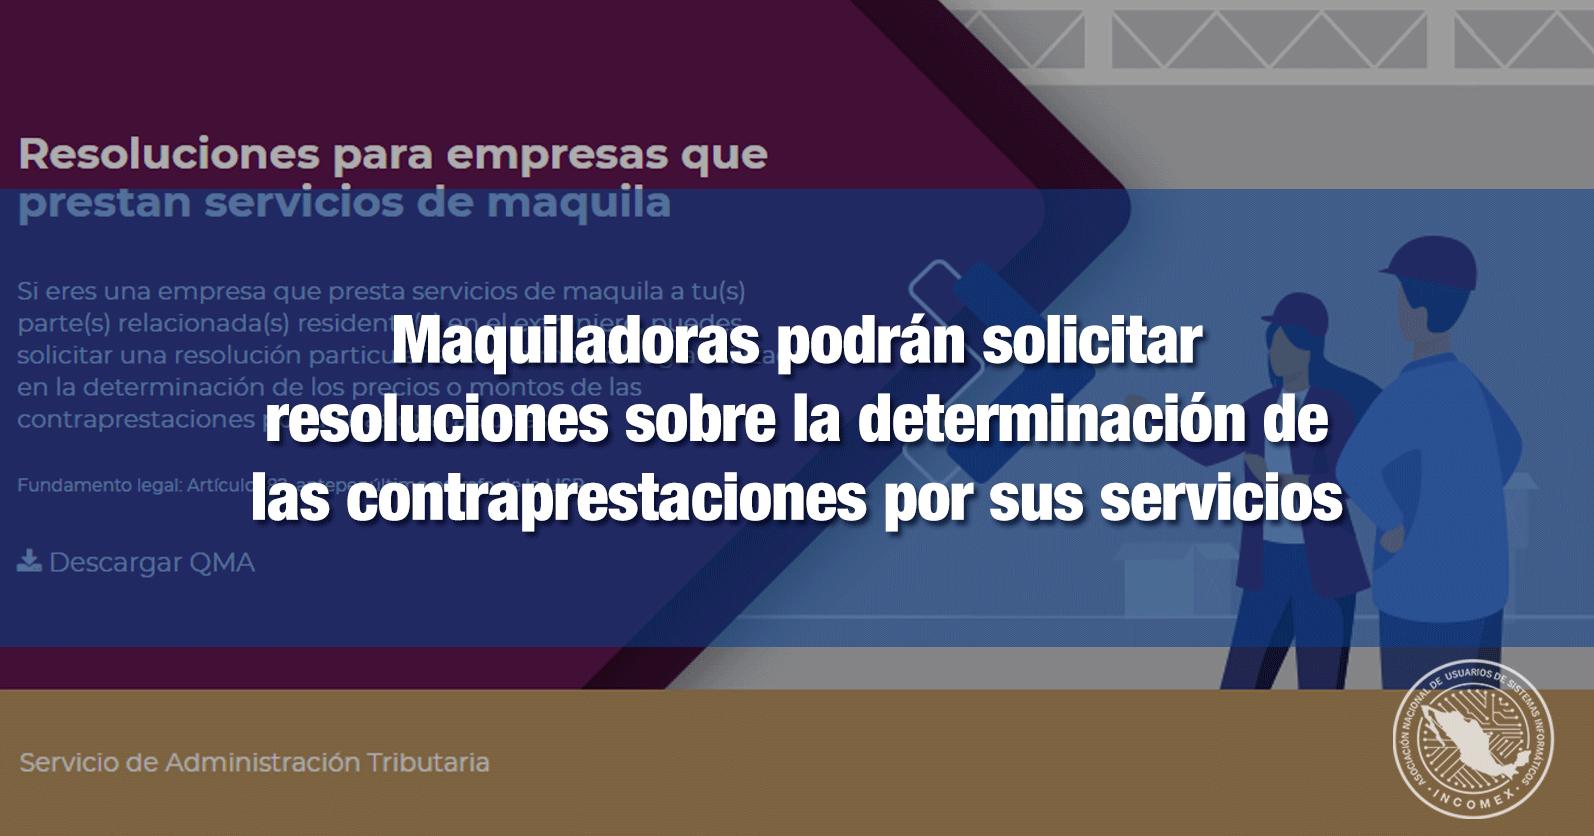 Maquiladoras podrán solicitar resoluciones sobre la determinación de las contraprestaciones por sus servicios